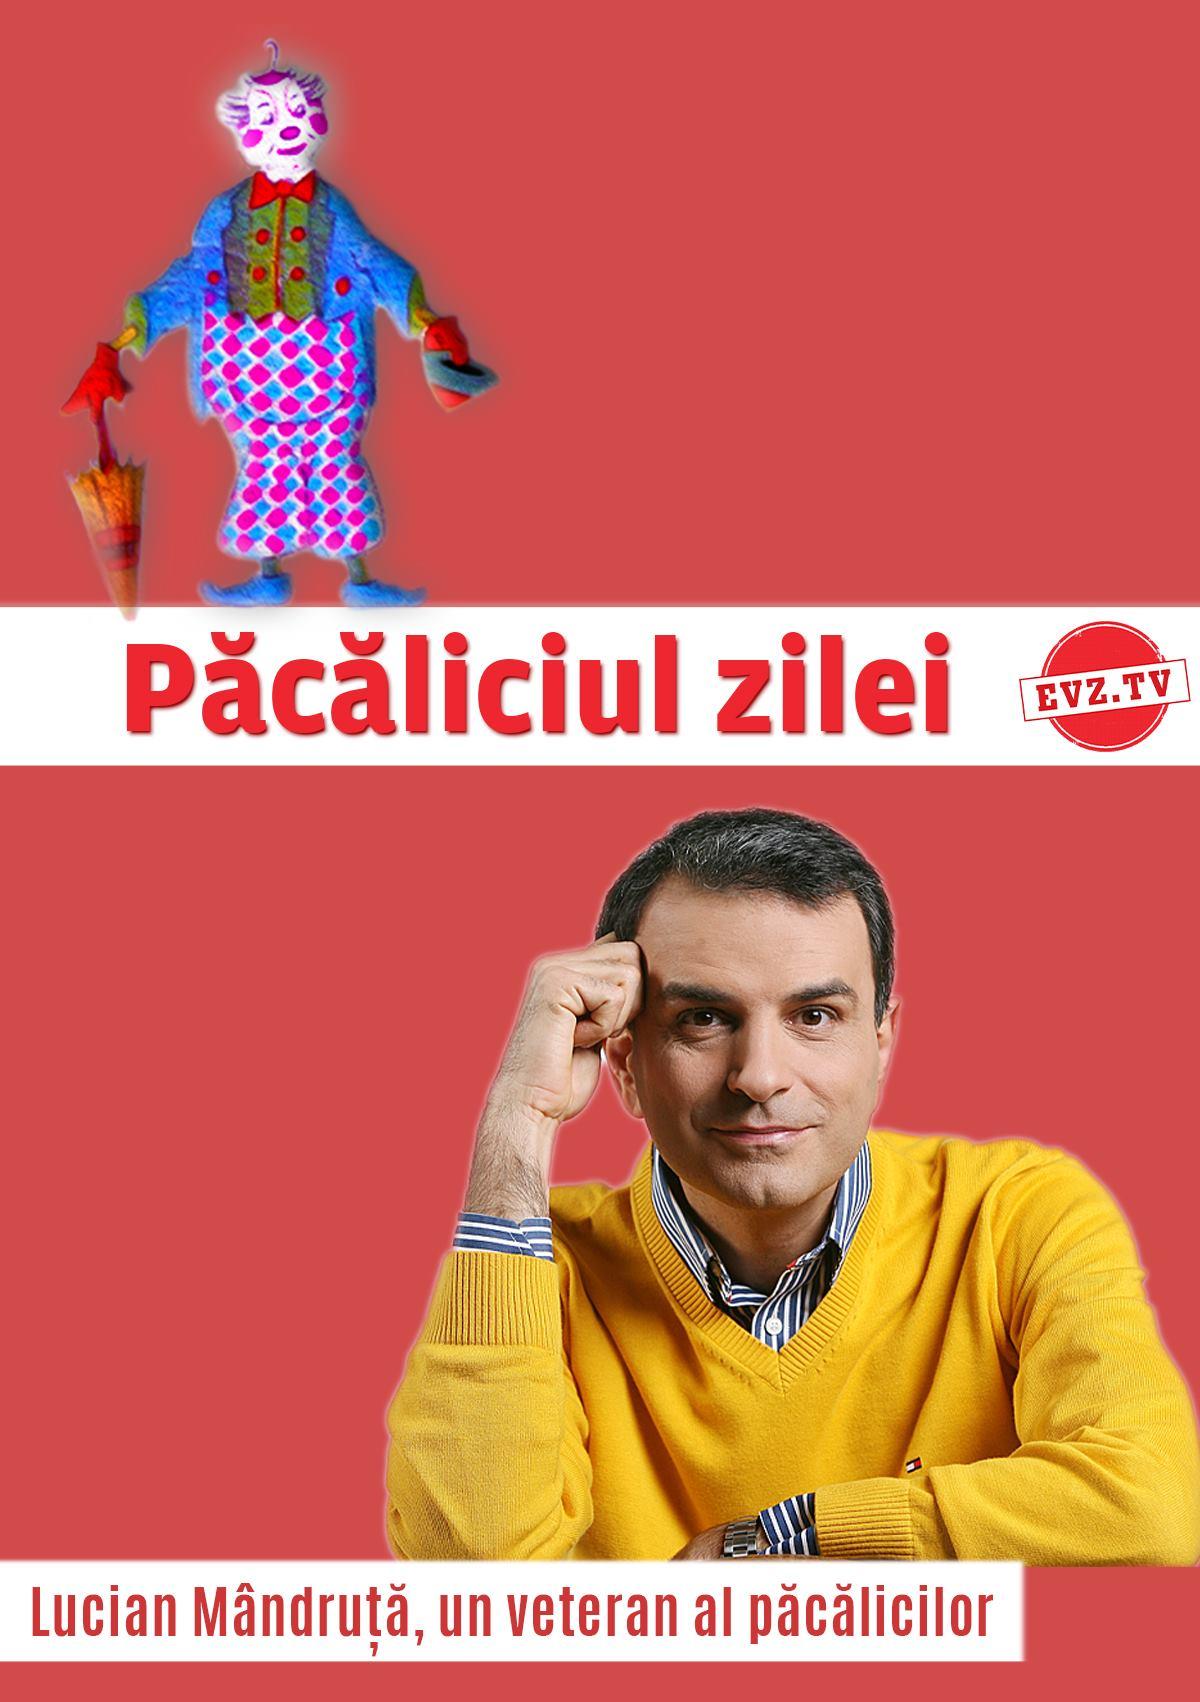 EVZ TV. Păcăliciul zilei. Lucian Mândruță, un veteran al păcălicilor - Evenimentul Zilei